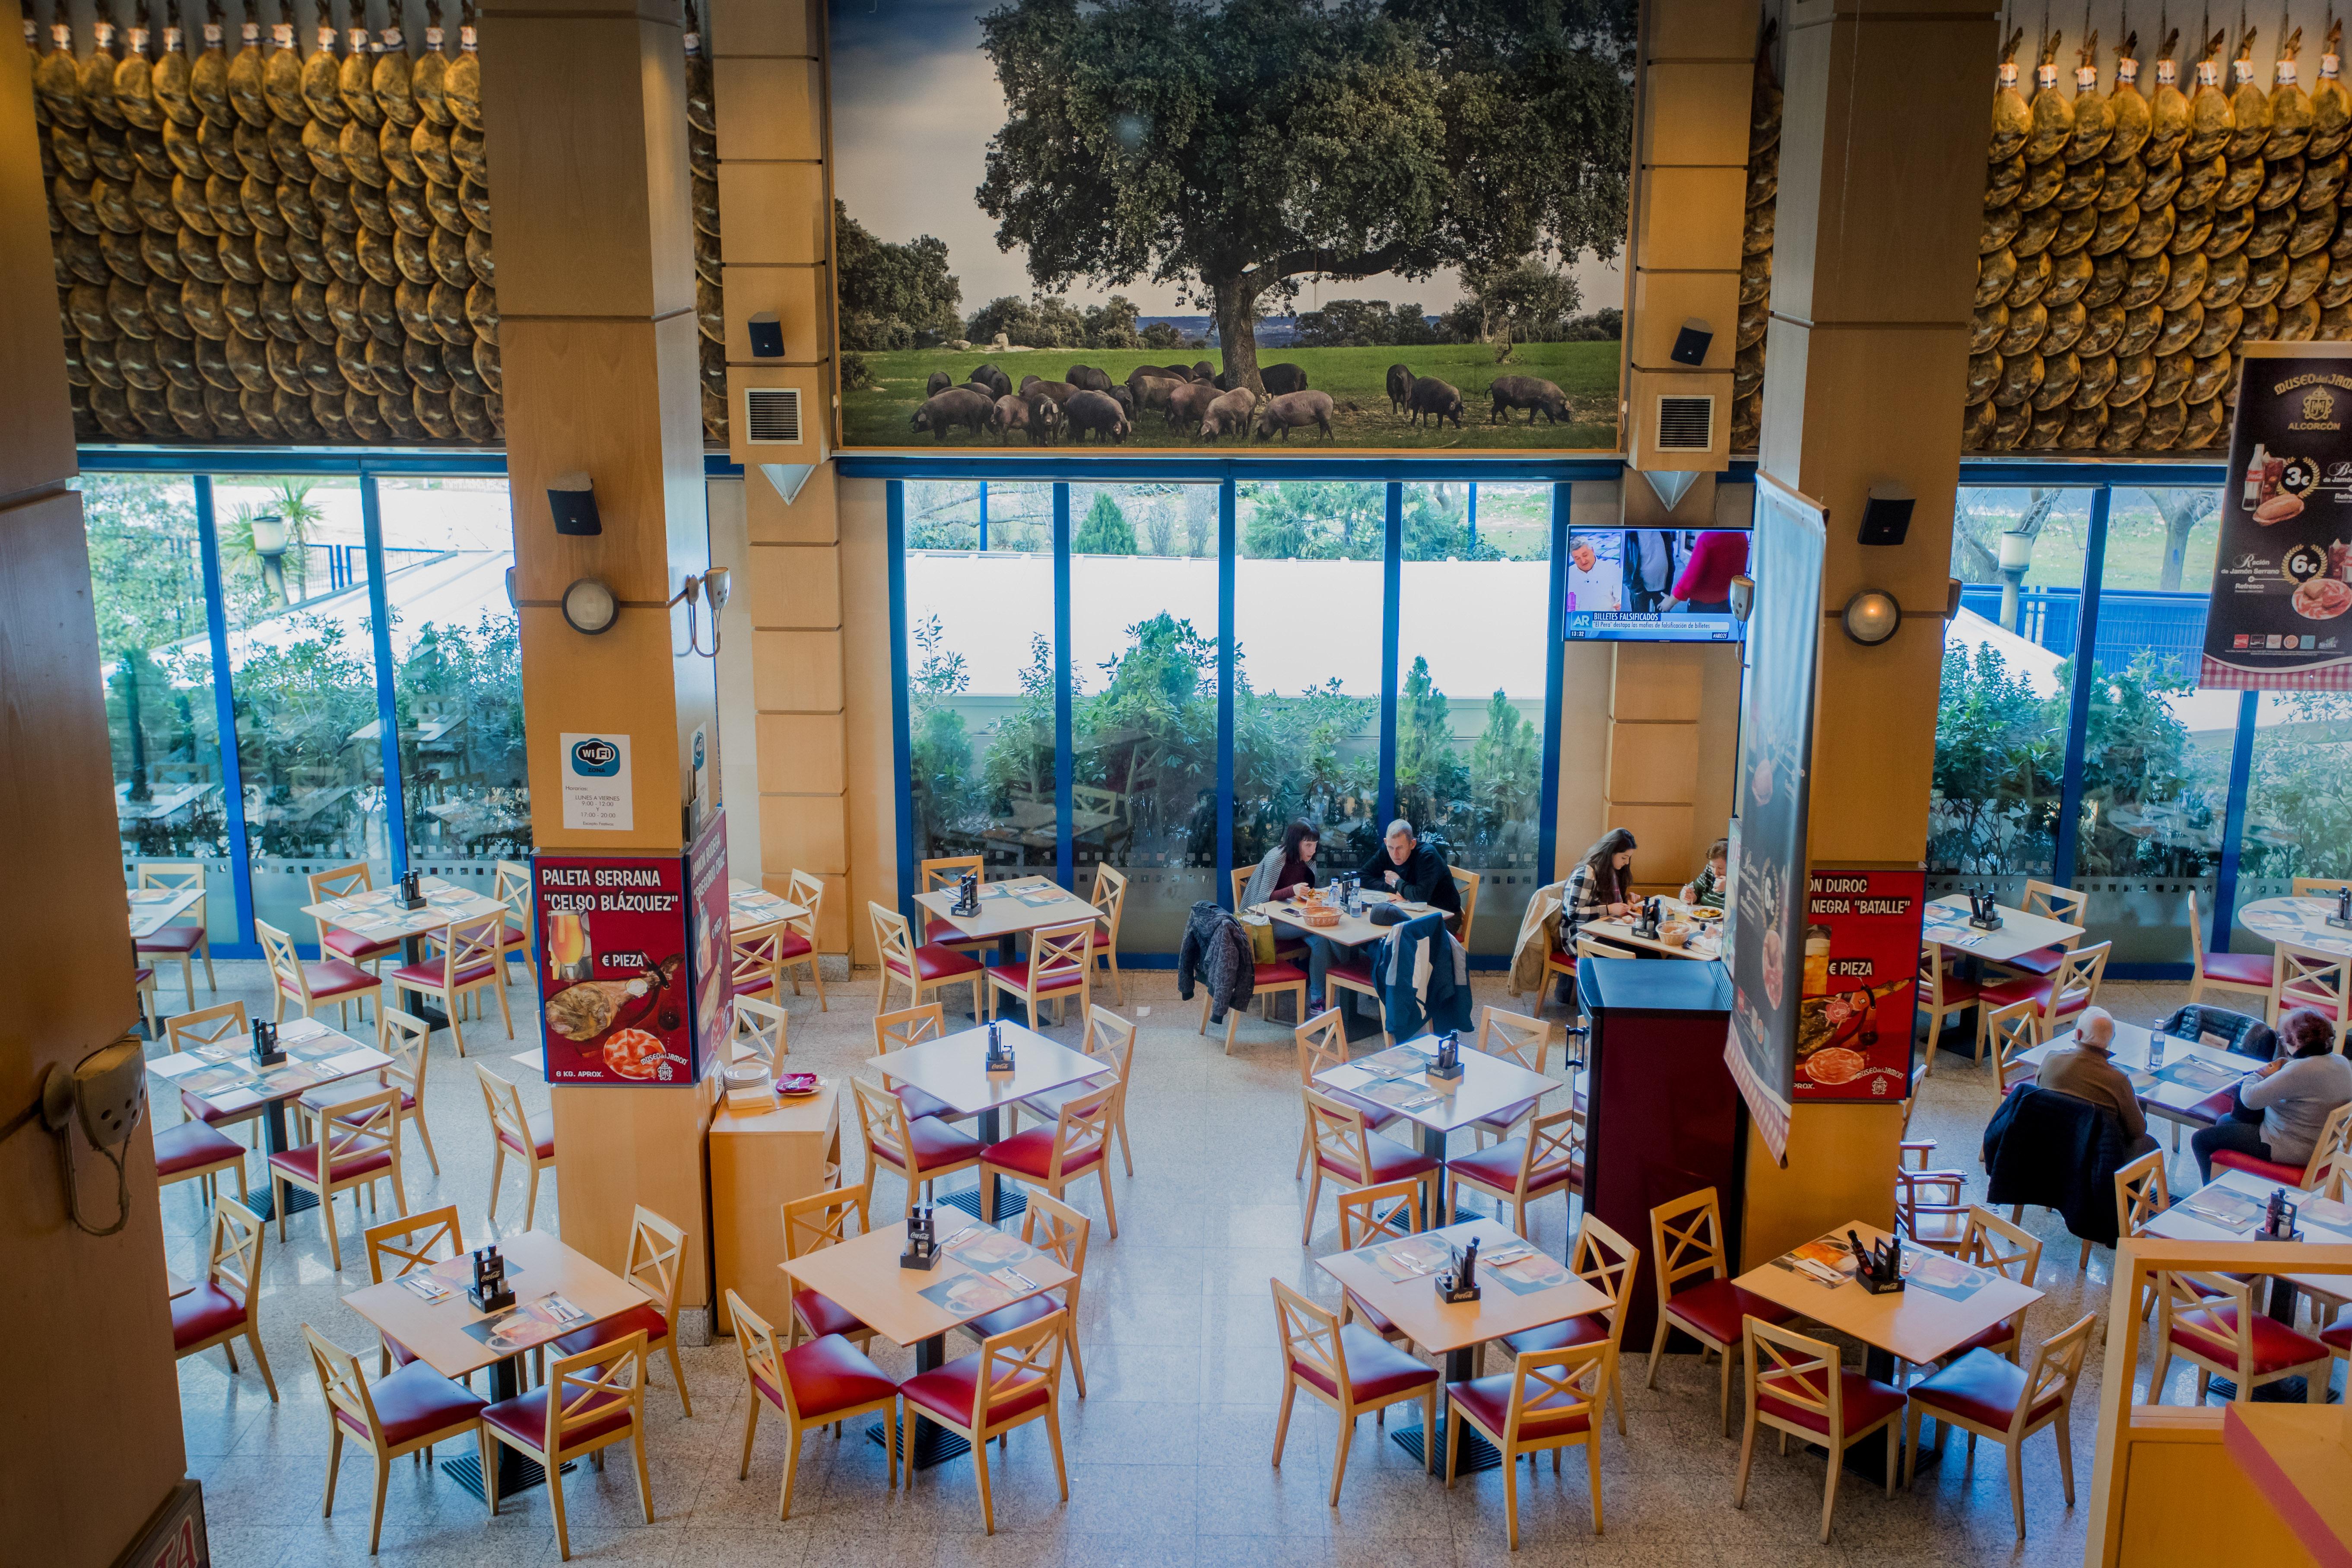 Restaurante Museo del Jamón Parque Oeste Alcorcón. Comer, Cenar barato en Alcorcón